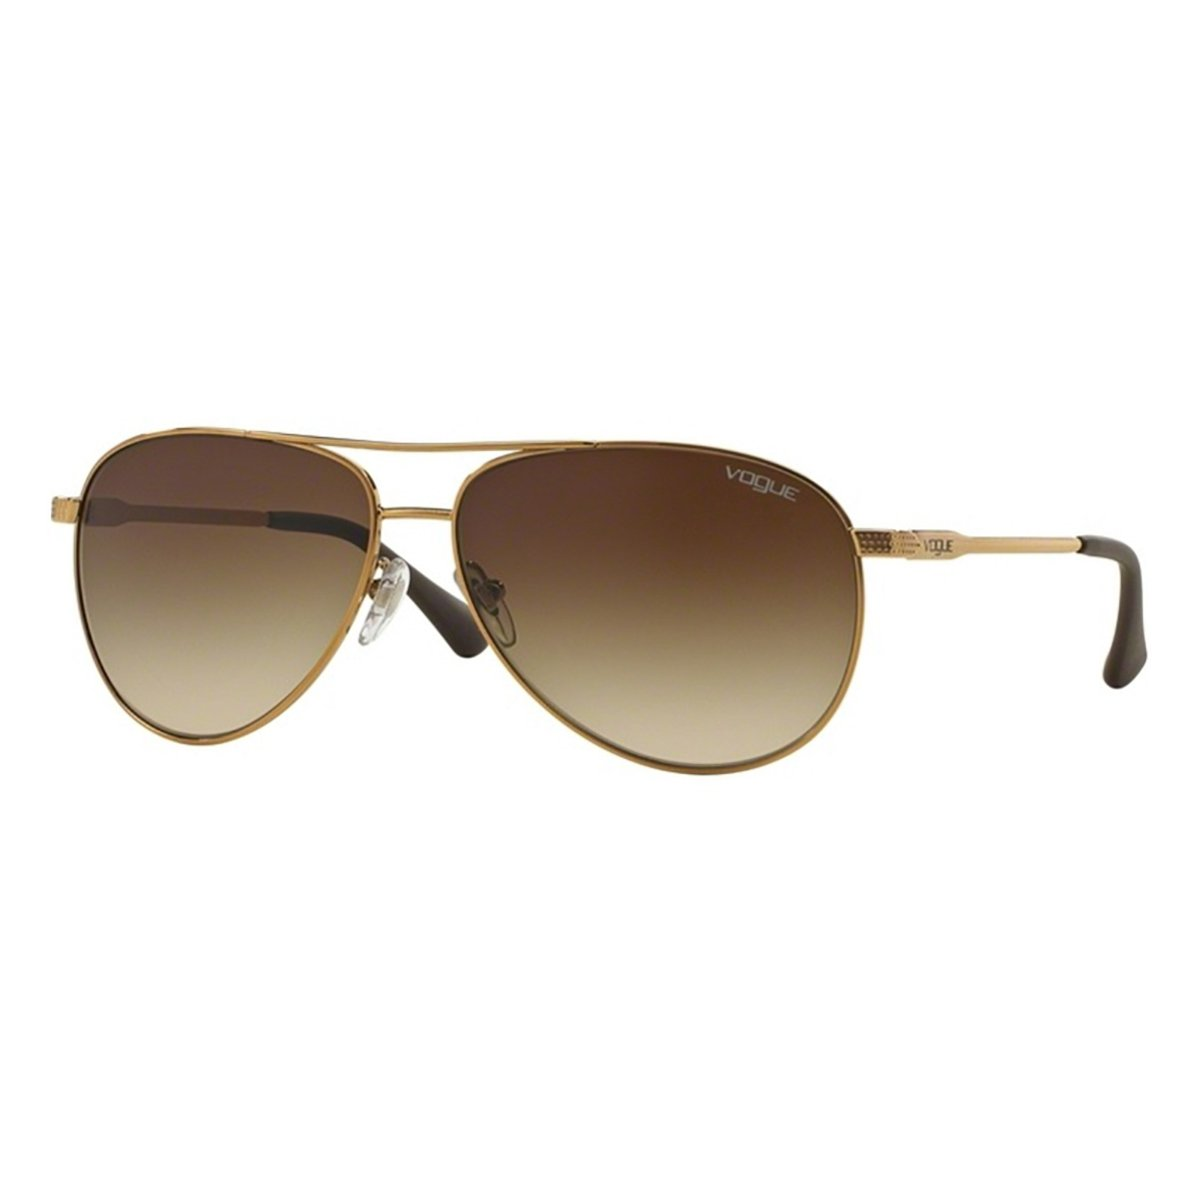 Compre Óculos de Sol Vogue em 10X   Tri-Jóia Shop 9e9c6ff787